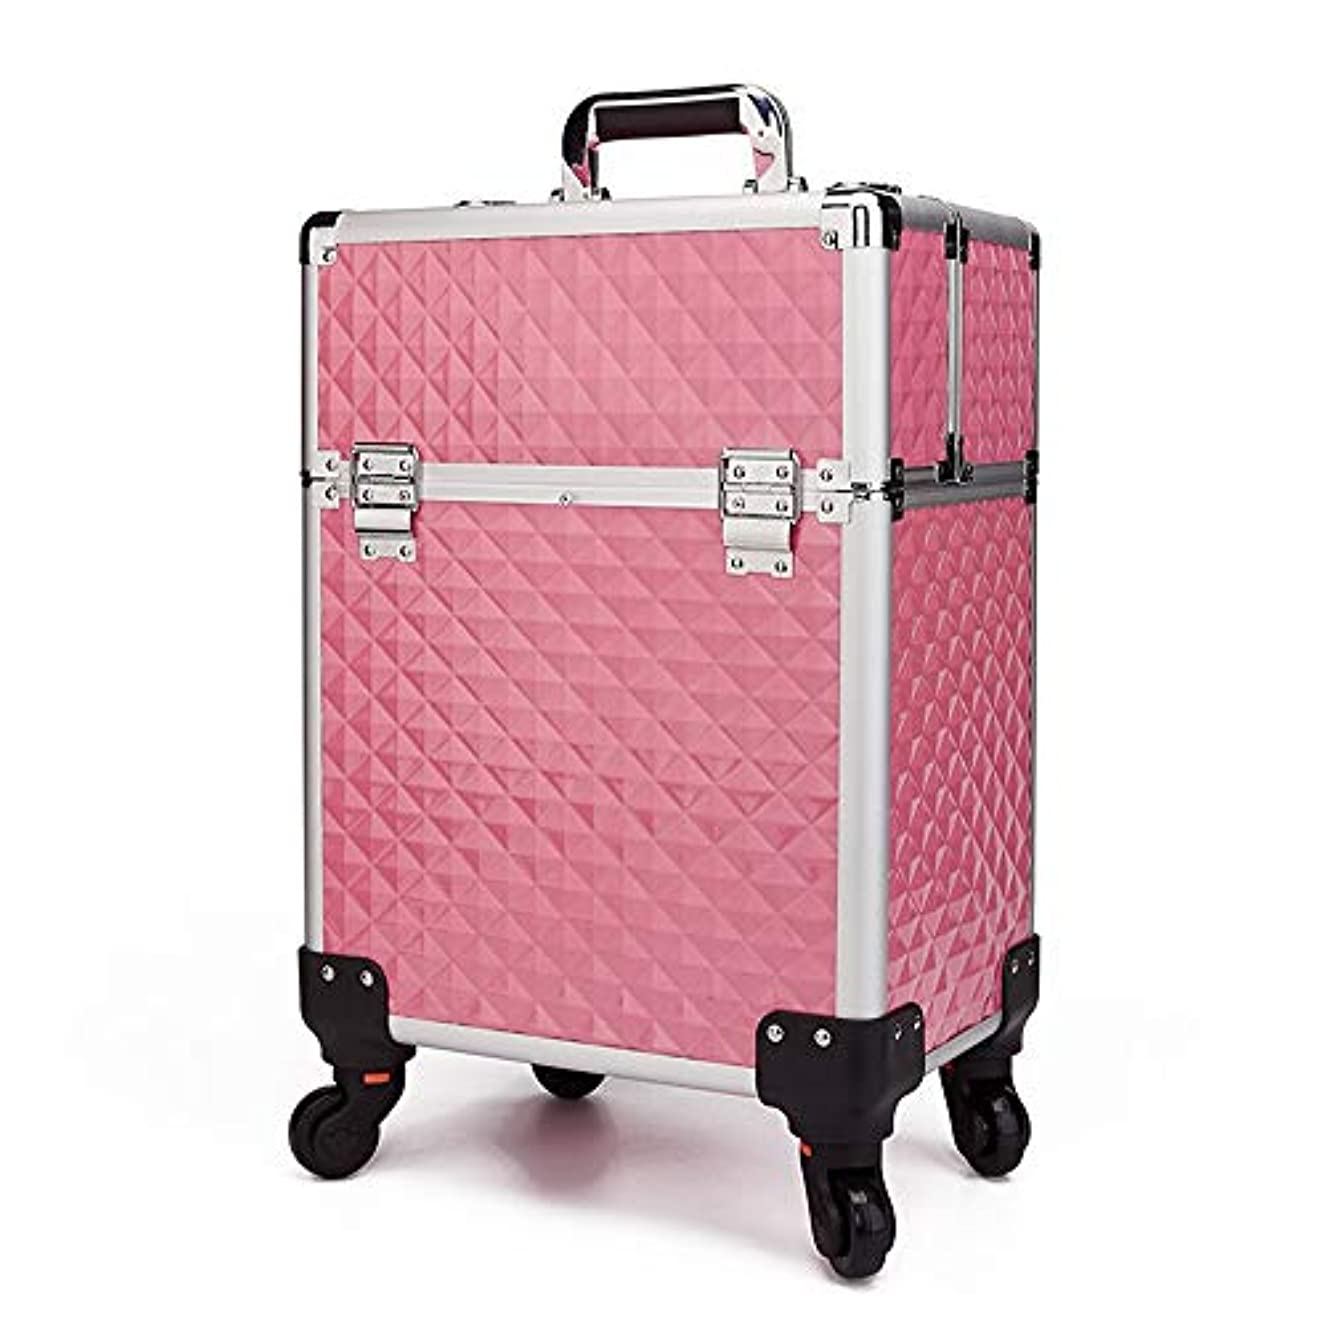 東ティモールなすバス特大スペース収納ビューティーボックス 女の子の女性旅行のための新しく、実用的な携帯用化粧箱およびロックおよび皿が付いている毎日の貯蔵 化粧品化粧台 (色 : ピンク)